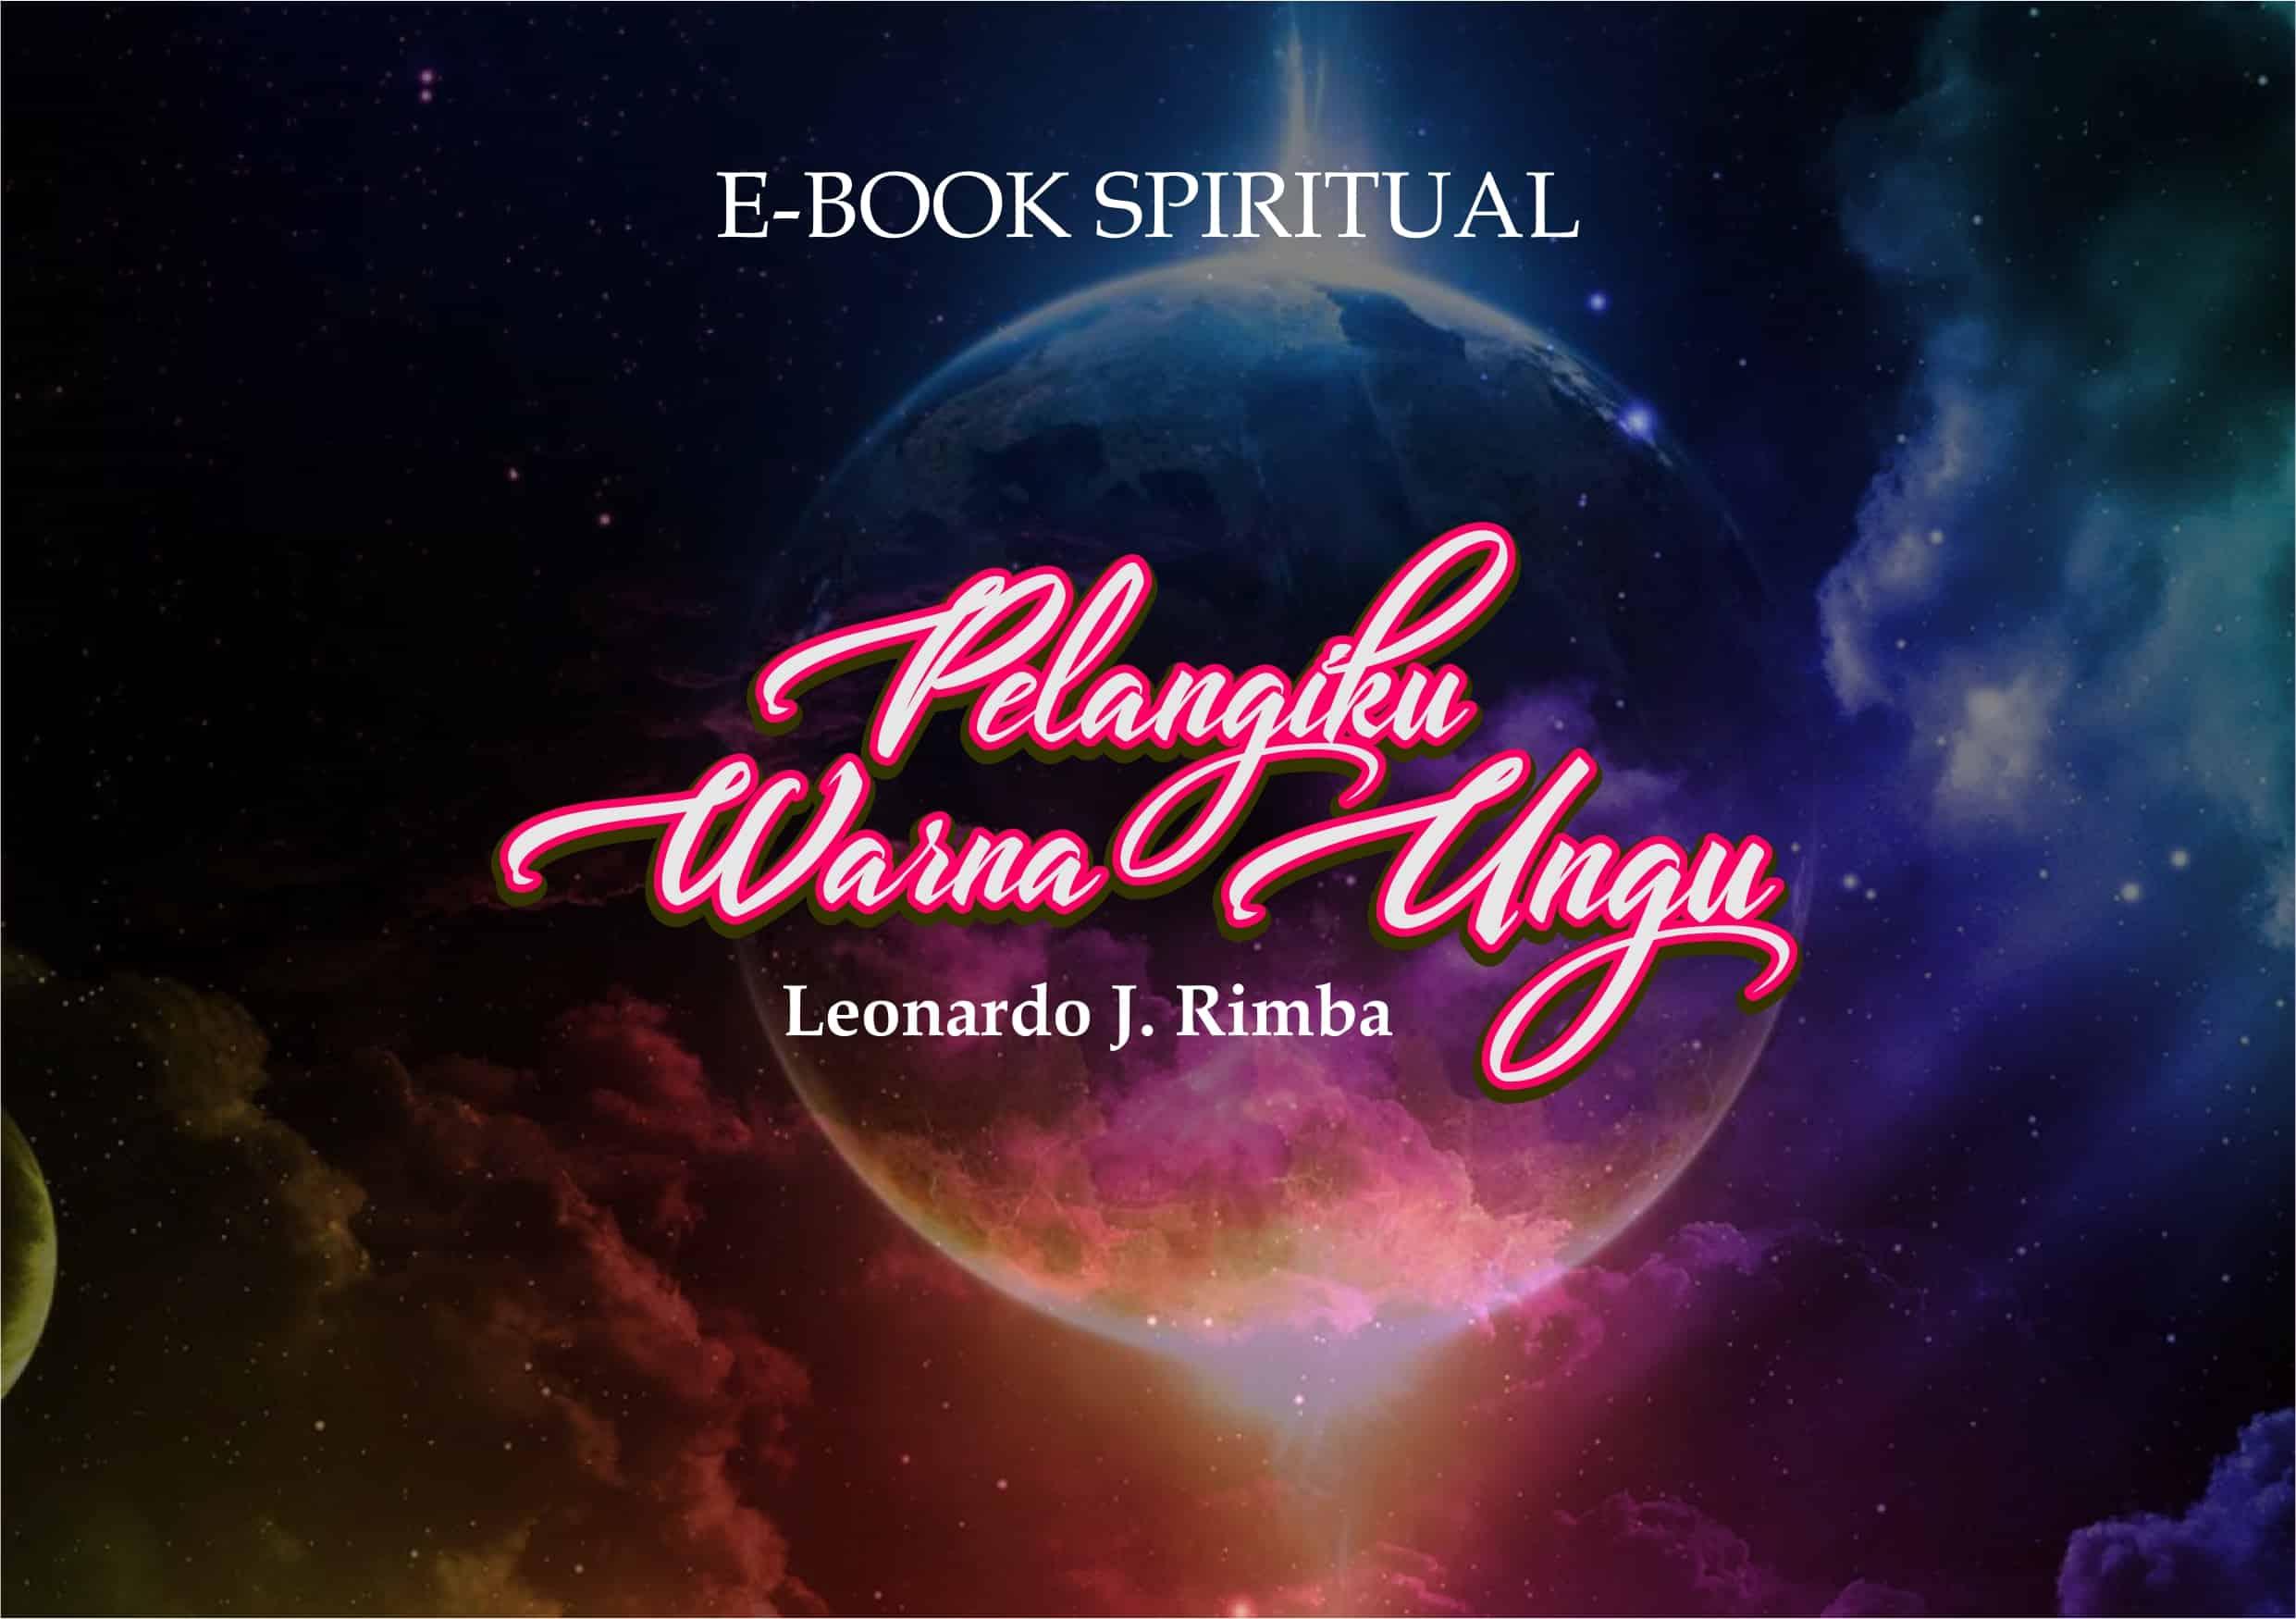 COVER E-BOOK SPIRITUAL - PELANGIKU WARNA UNGU - post